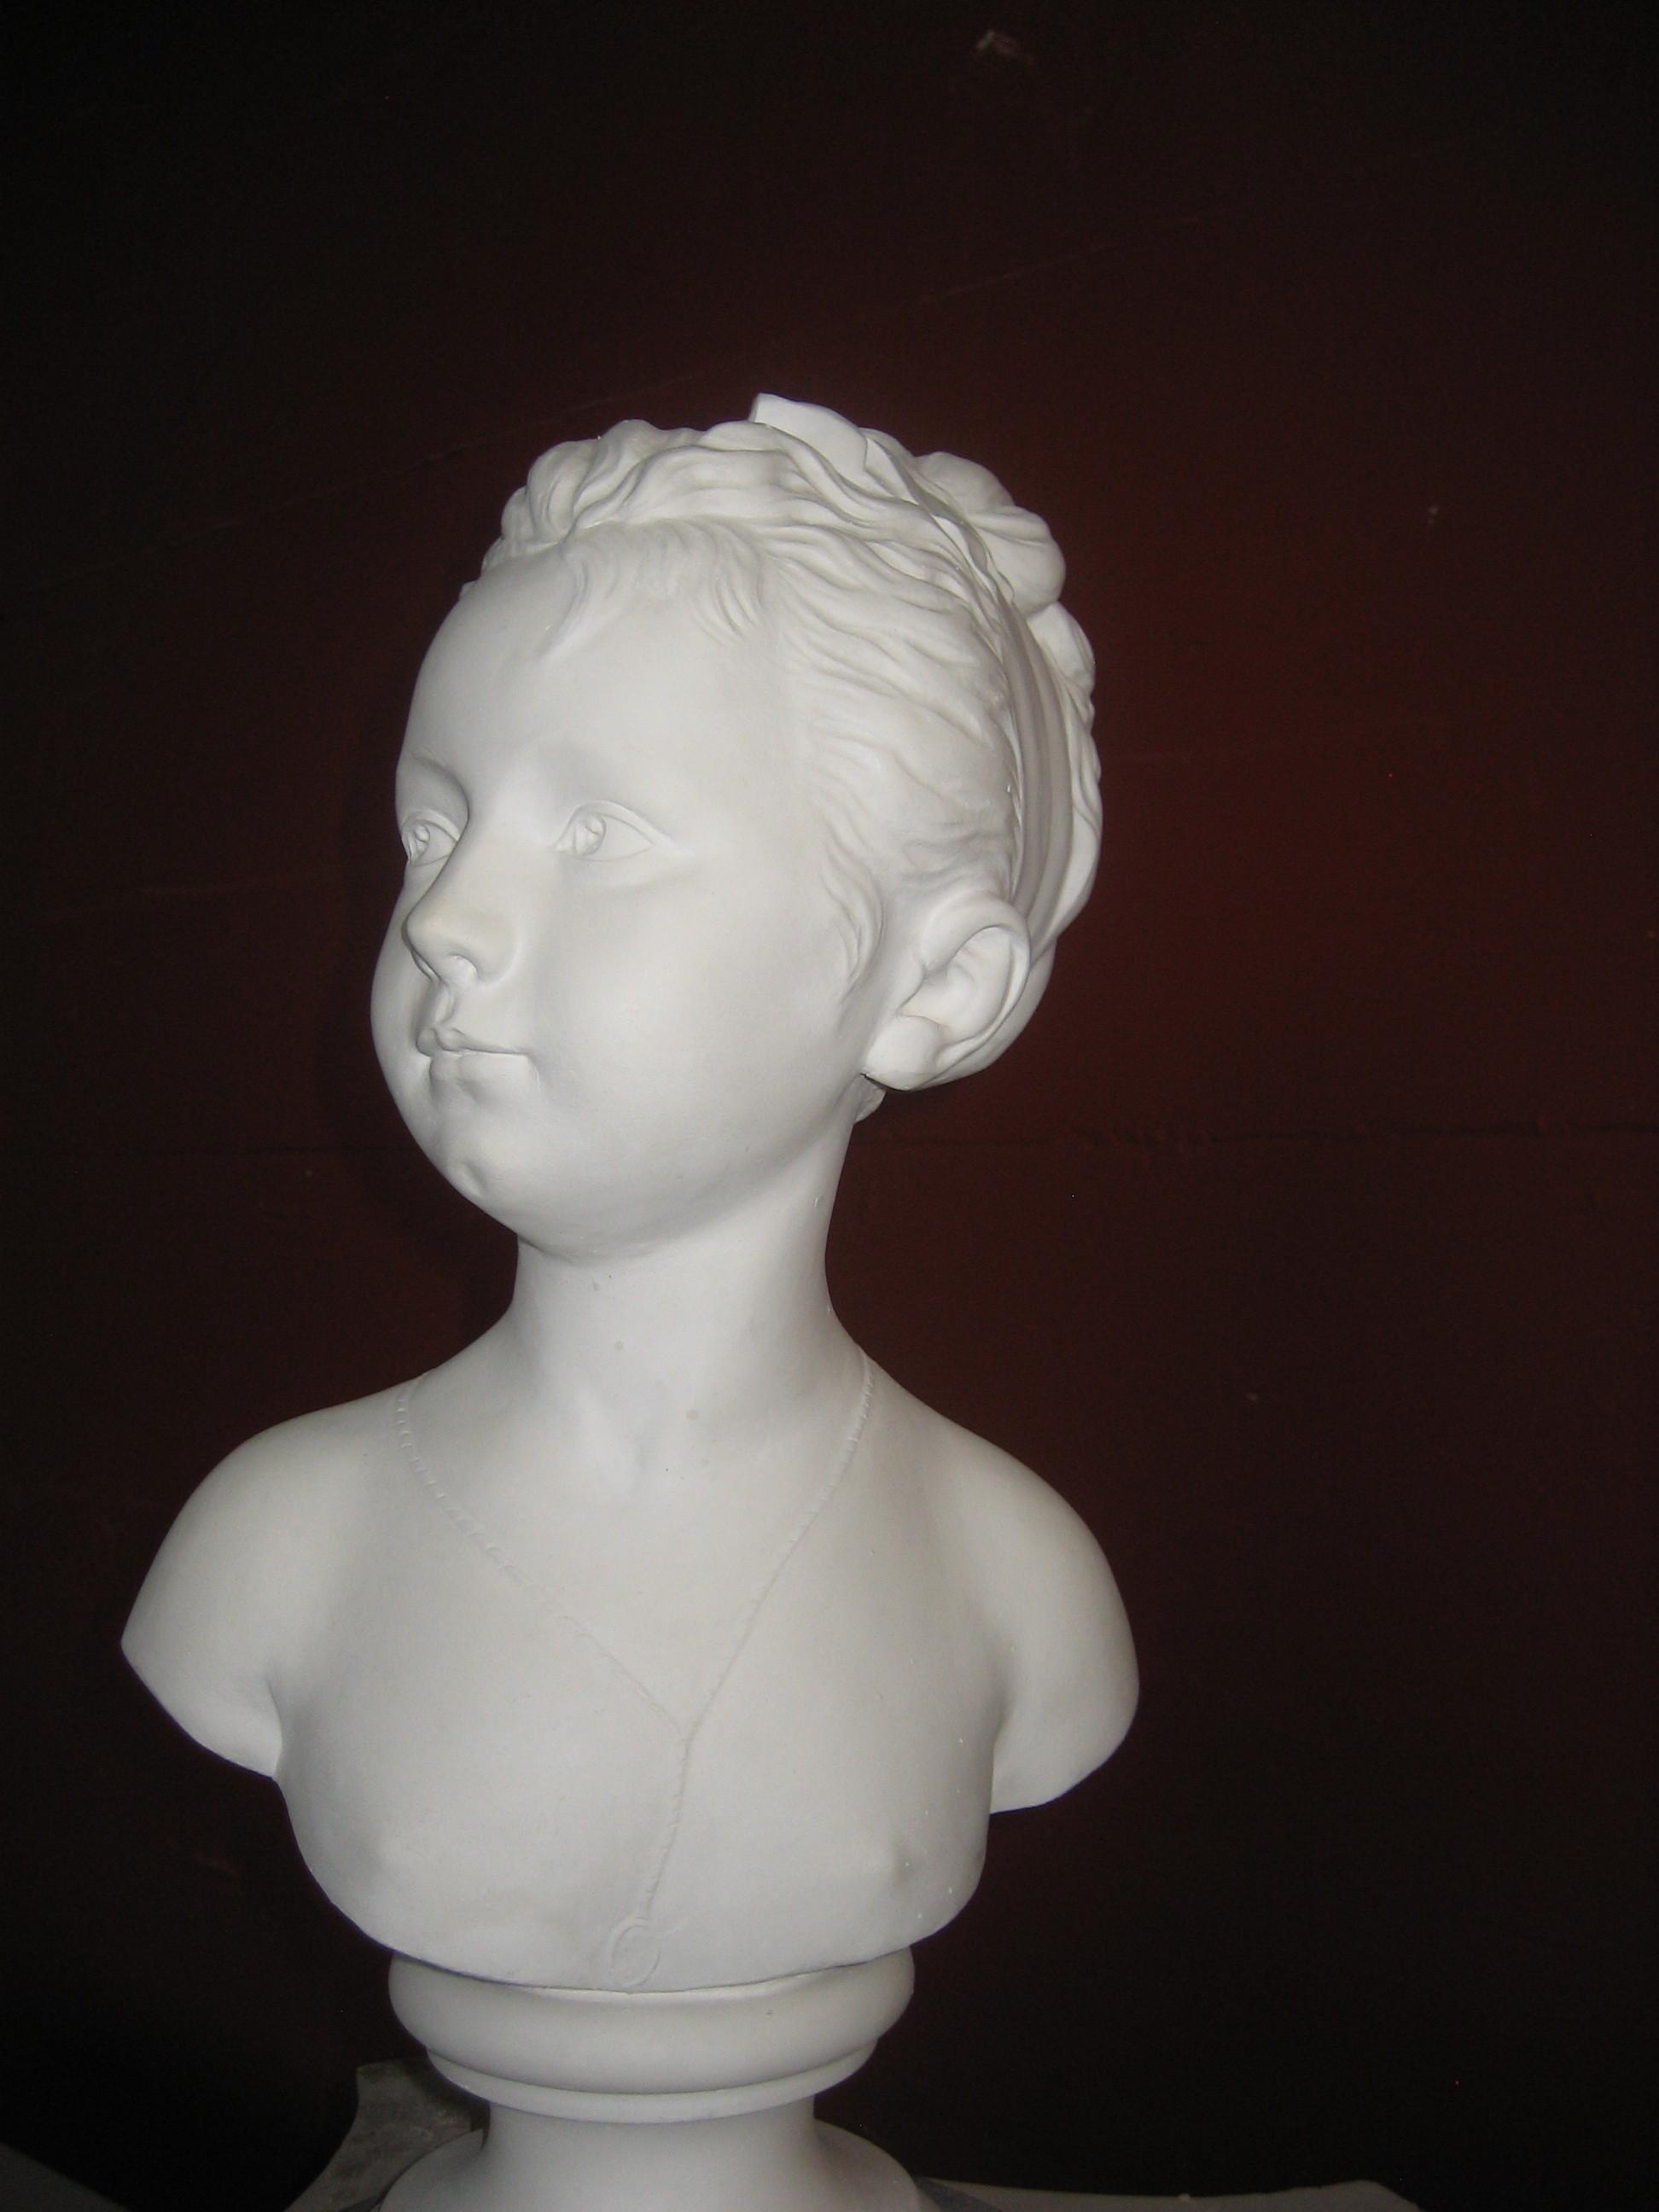 IMG_1599.JPG, Mädchenbüste, seitl. leicht nach links